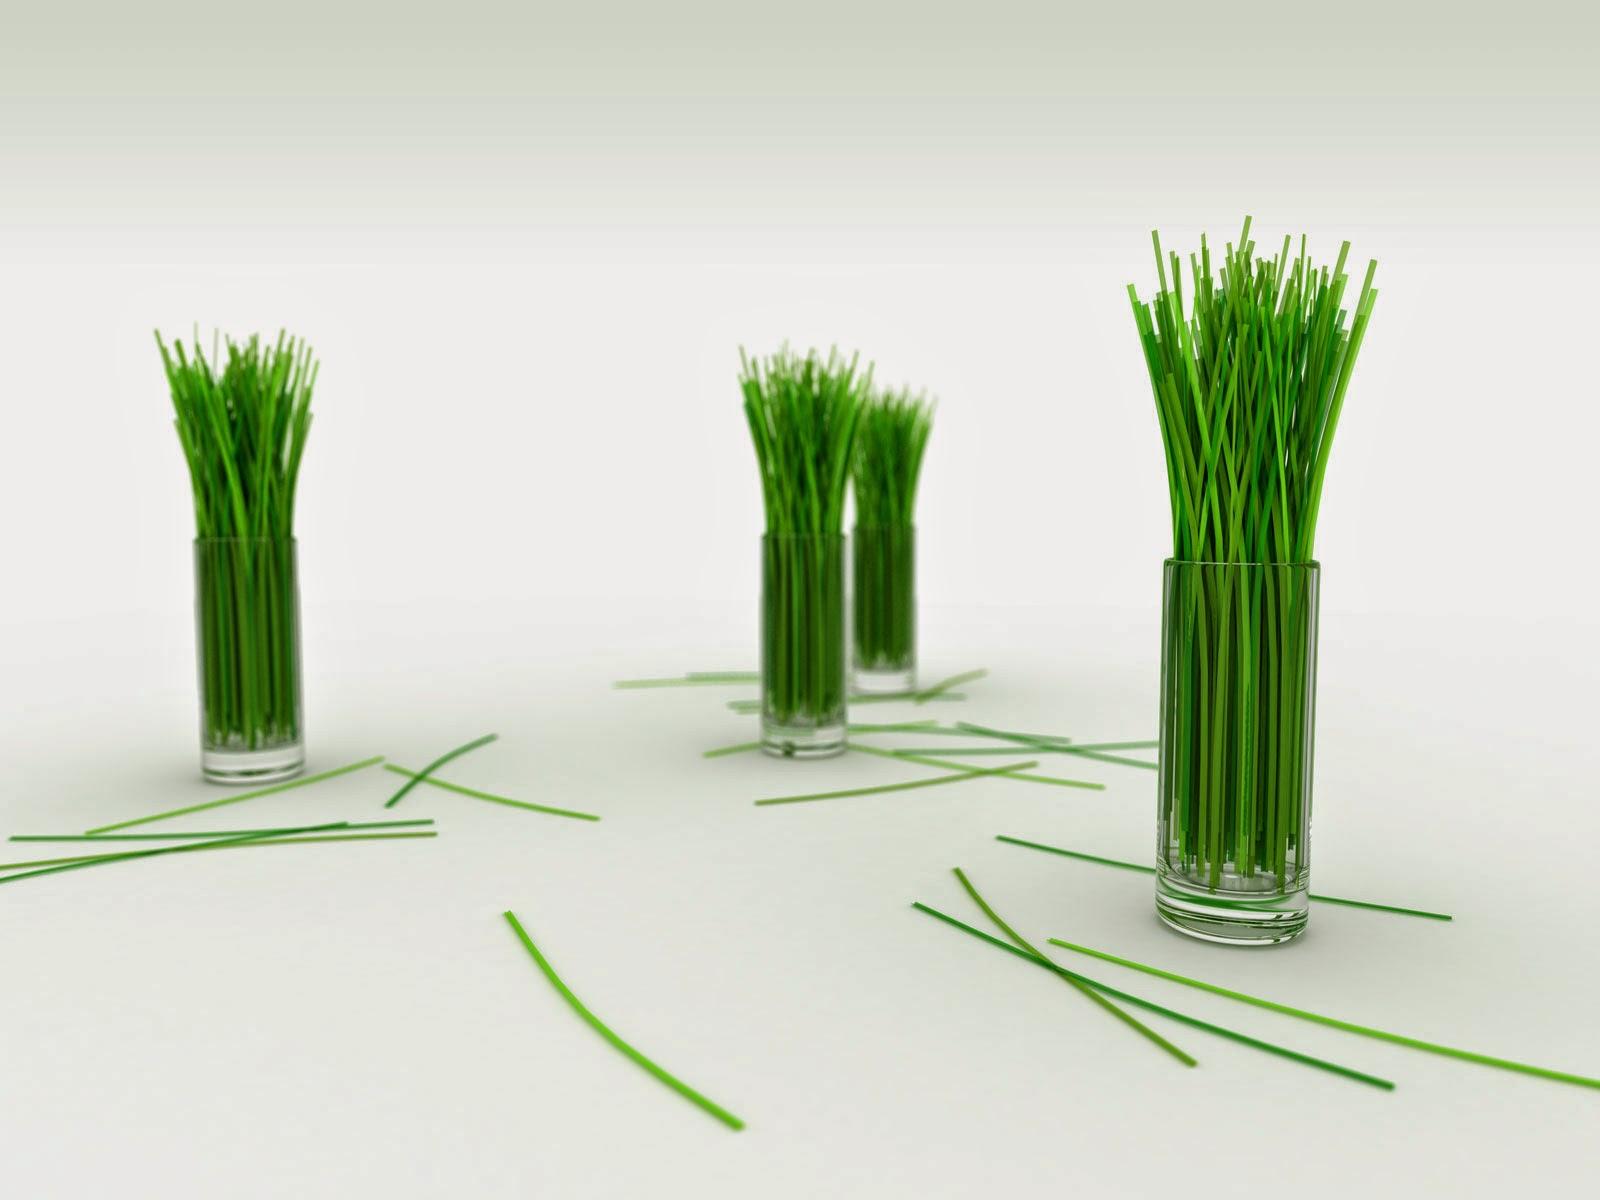 Abstrac Green Grass HD Wallpaper